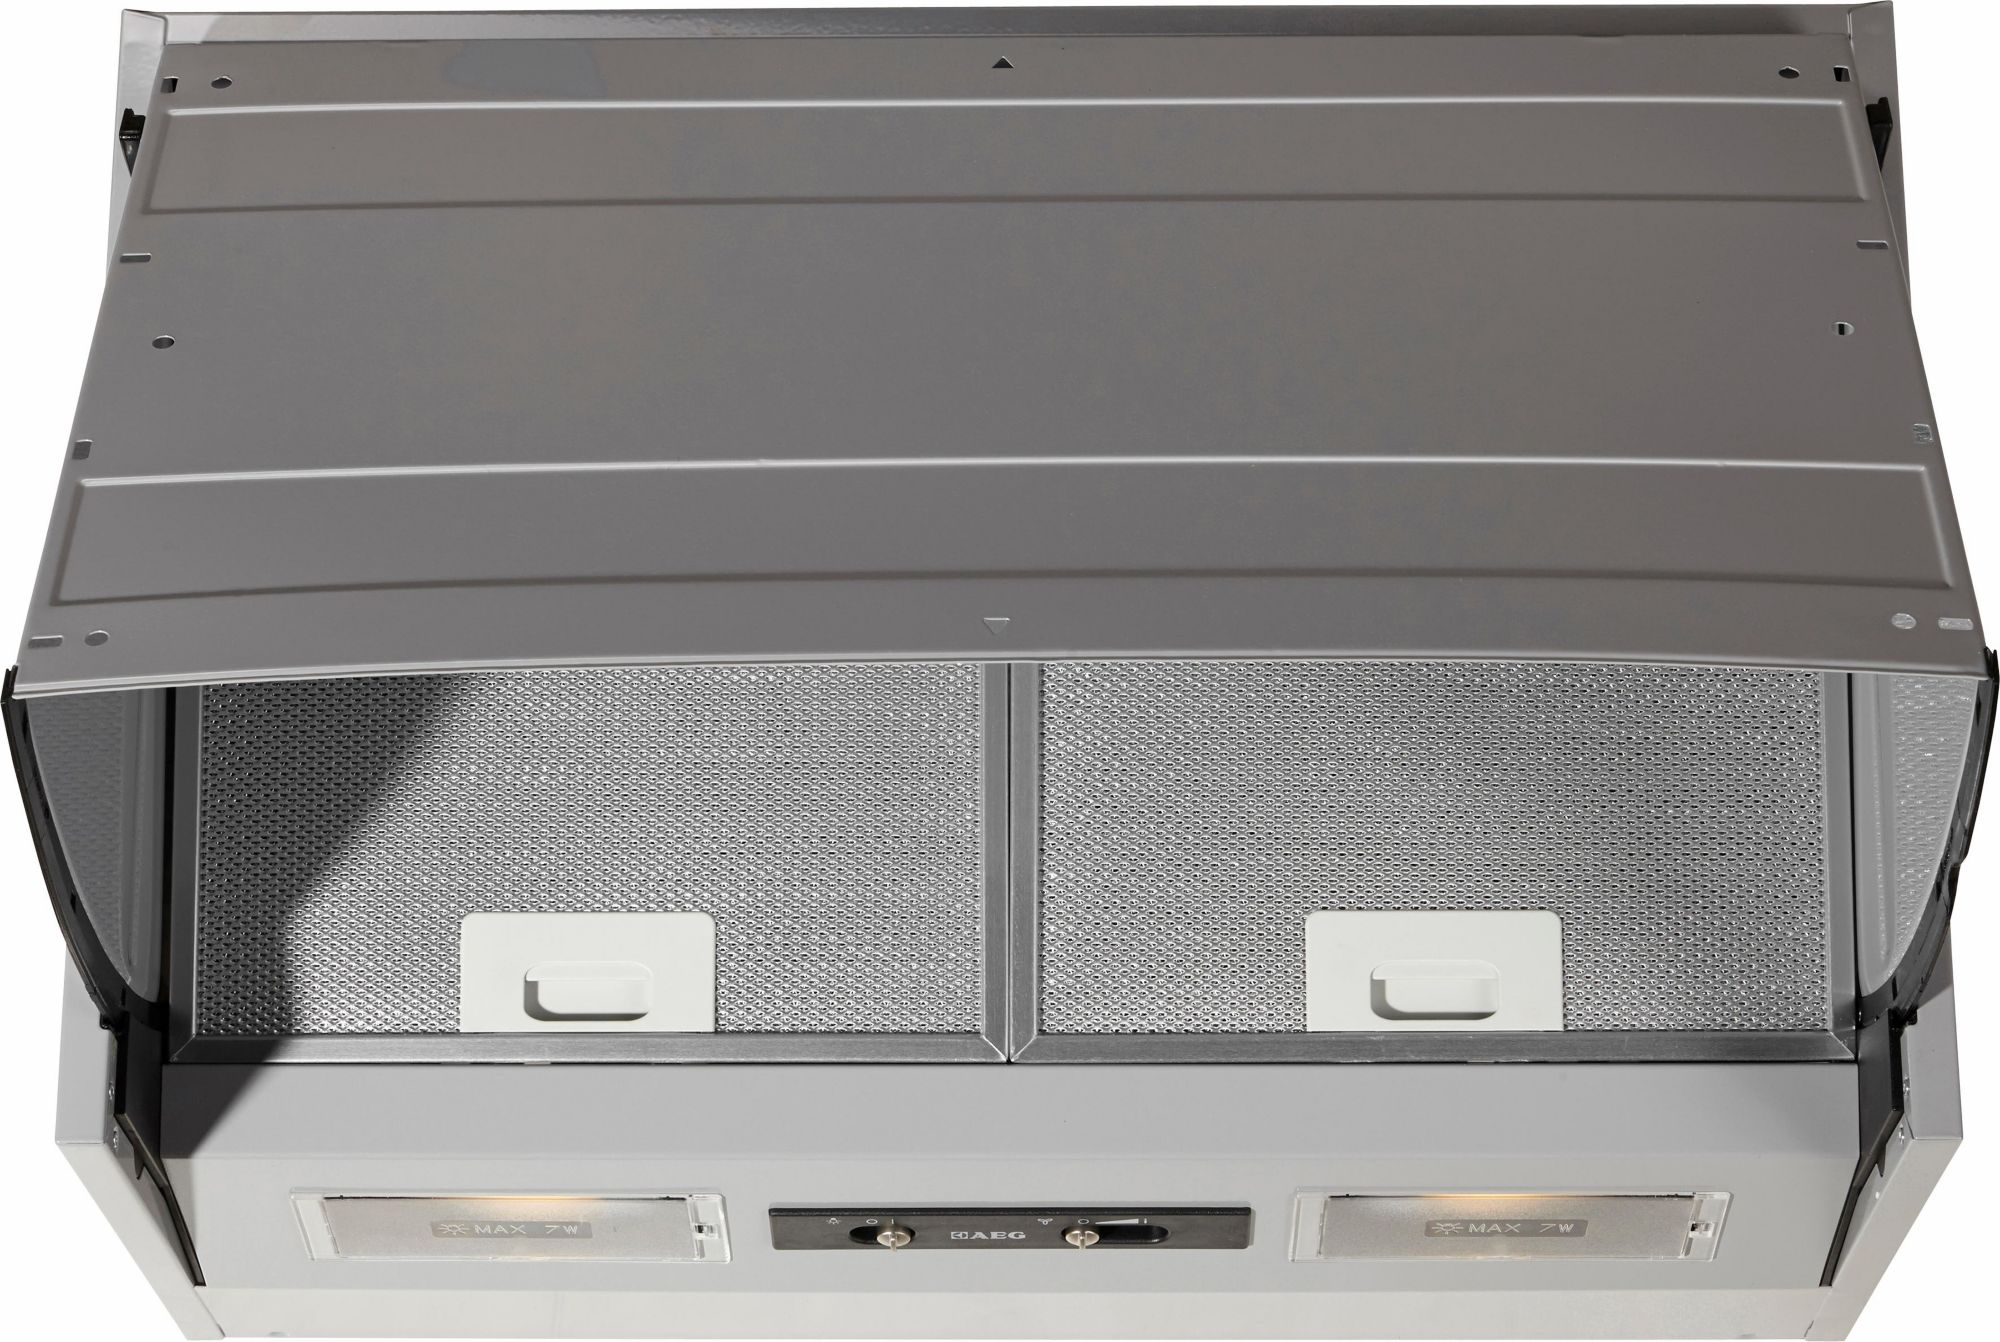 aeg einbau dunstabzugshaube competence x56342se10 d schwab versand zwischenbauhauben. Black Bedroom Furniture Sets. Home Design Ideas